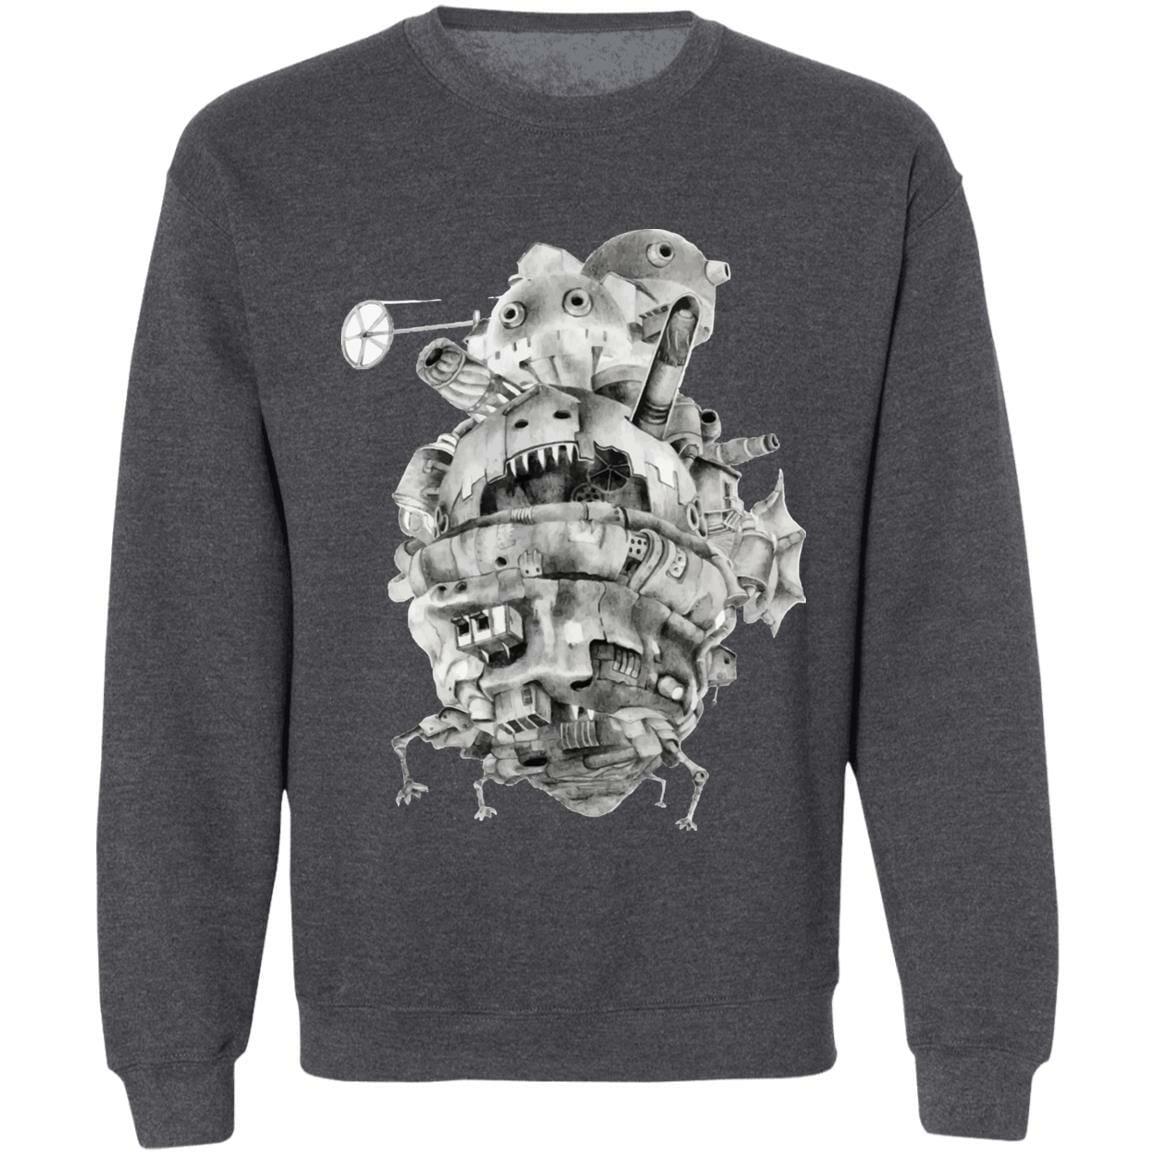 Howl's Moving Castle 3D Sweatshirt